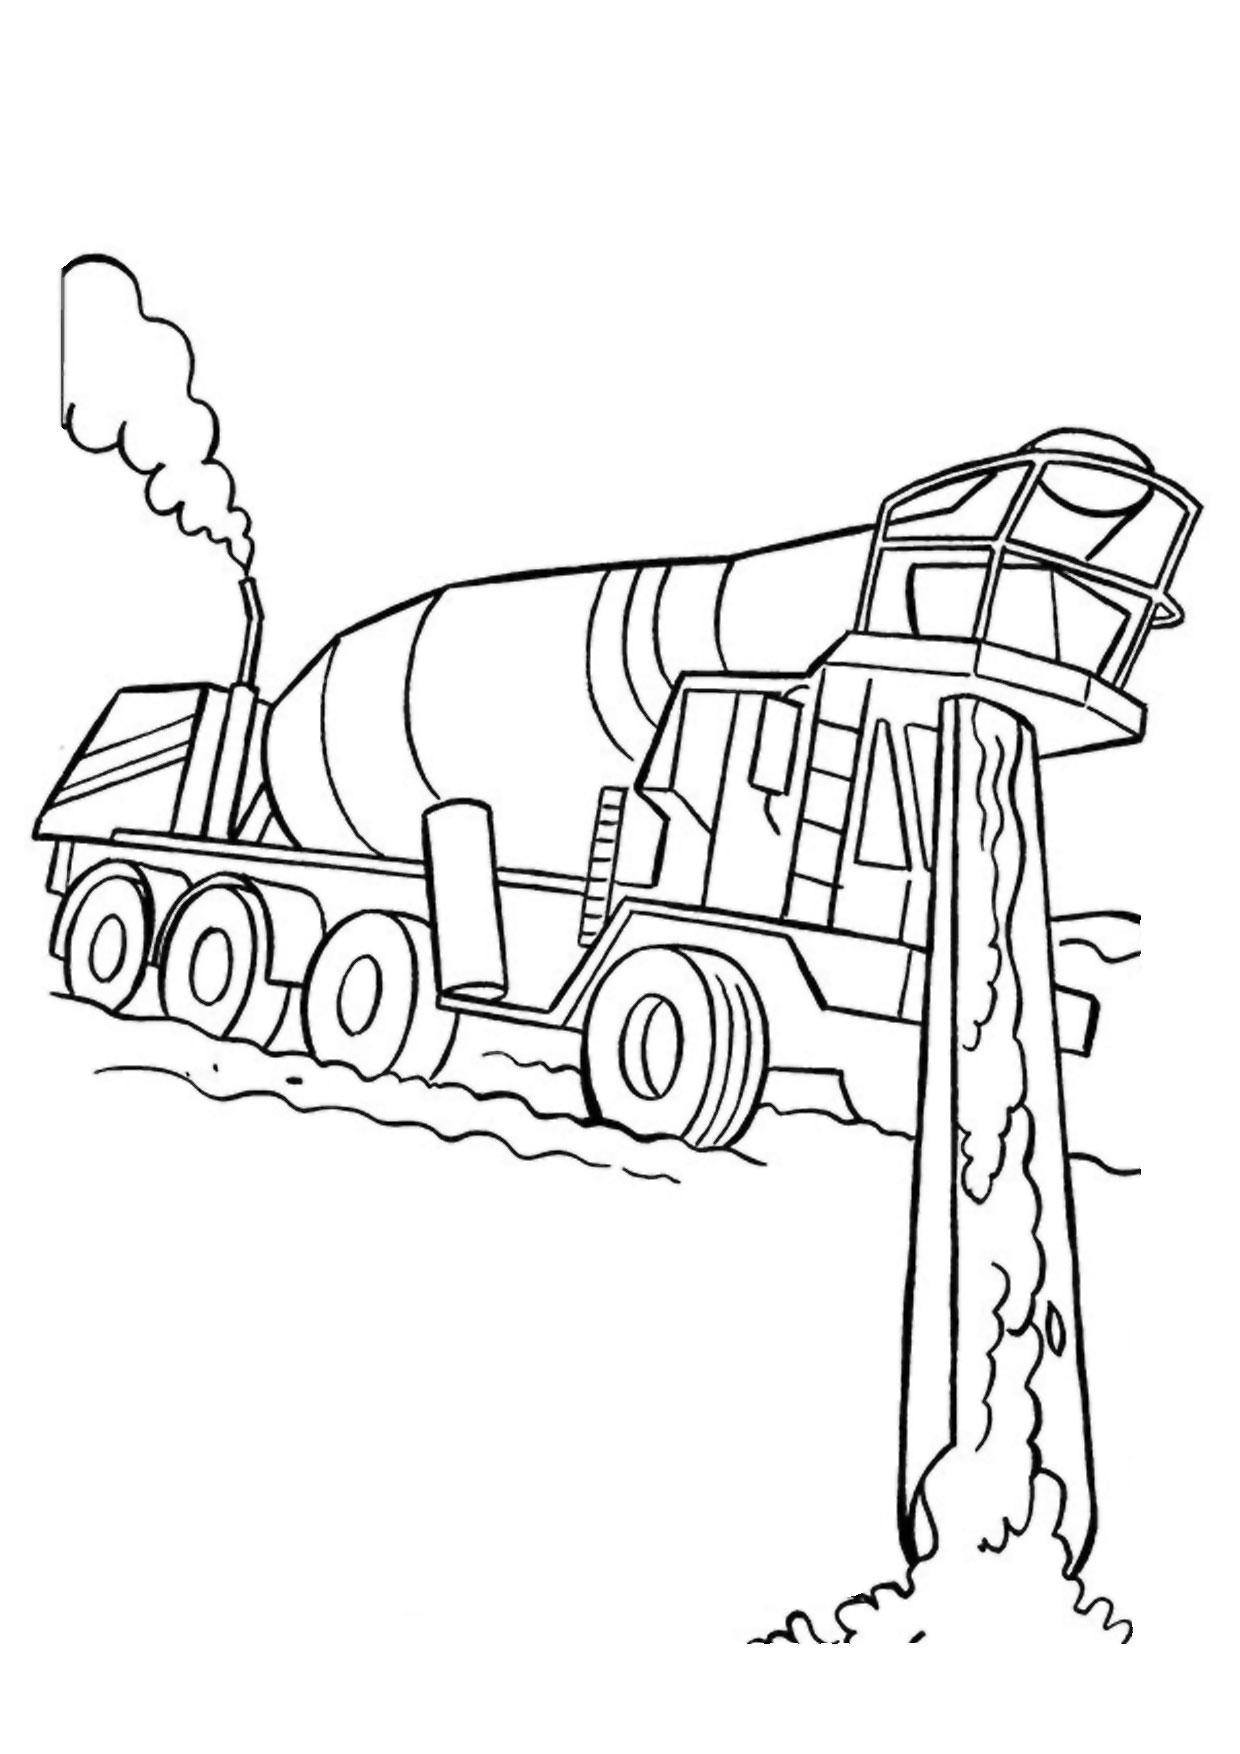 Disegno di camion da colorare 45